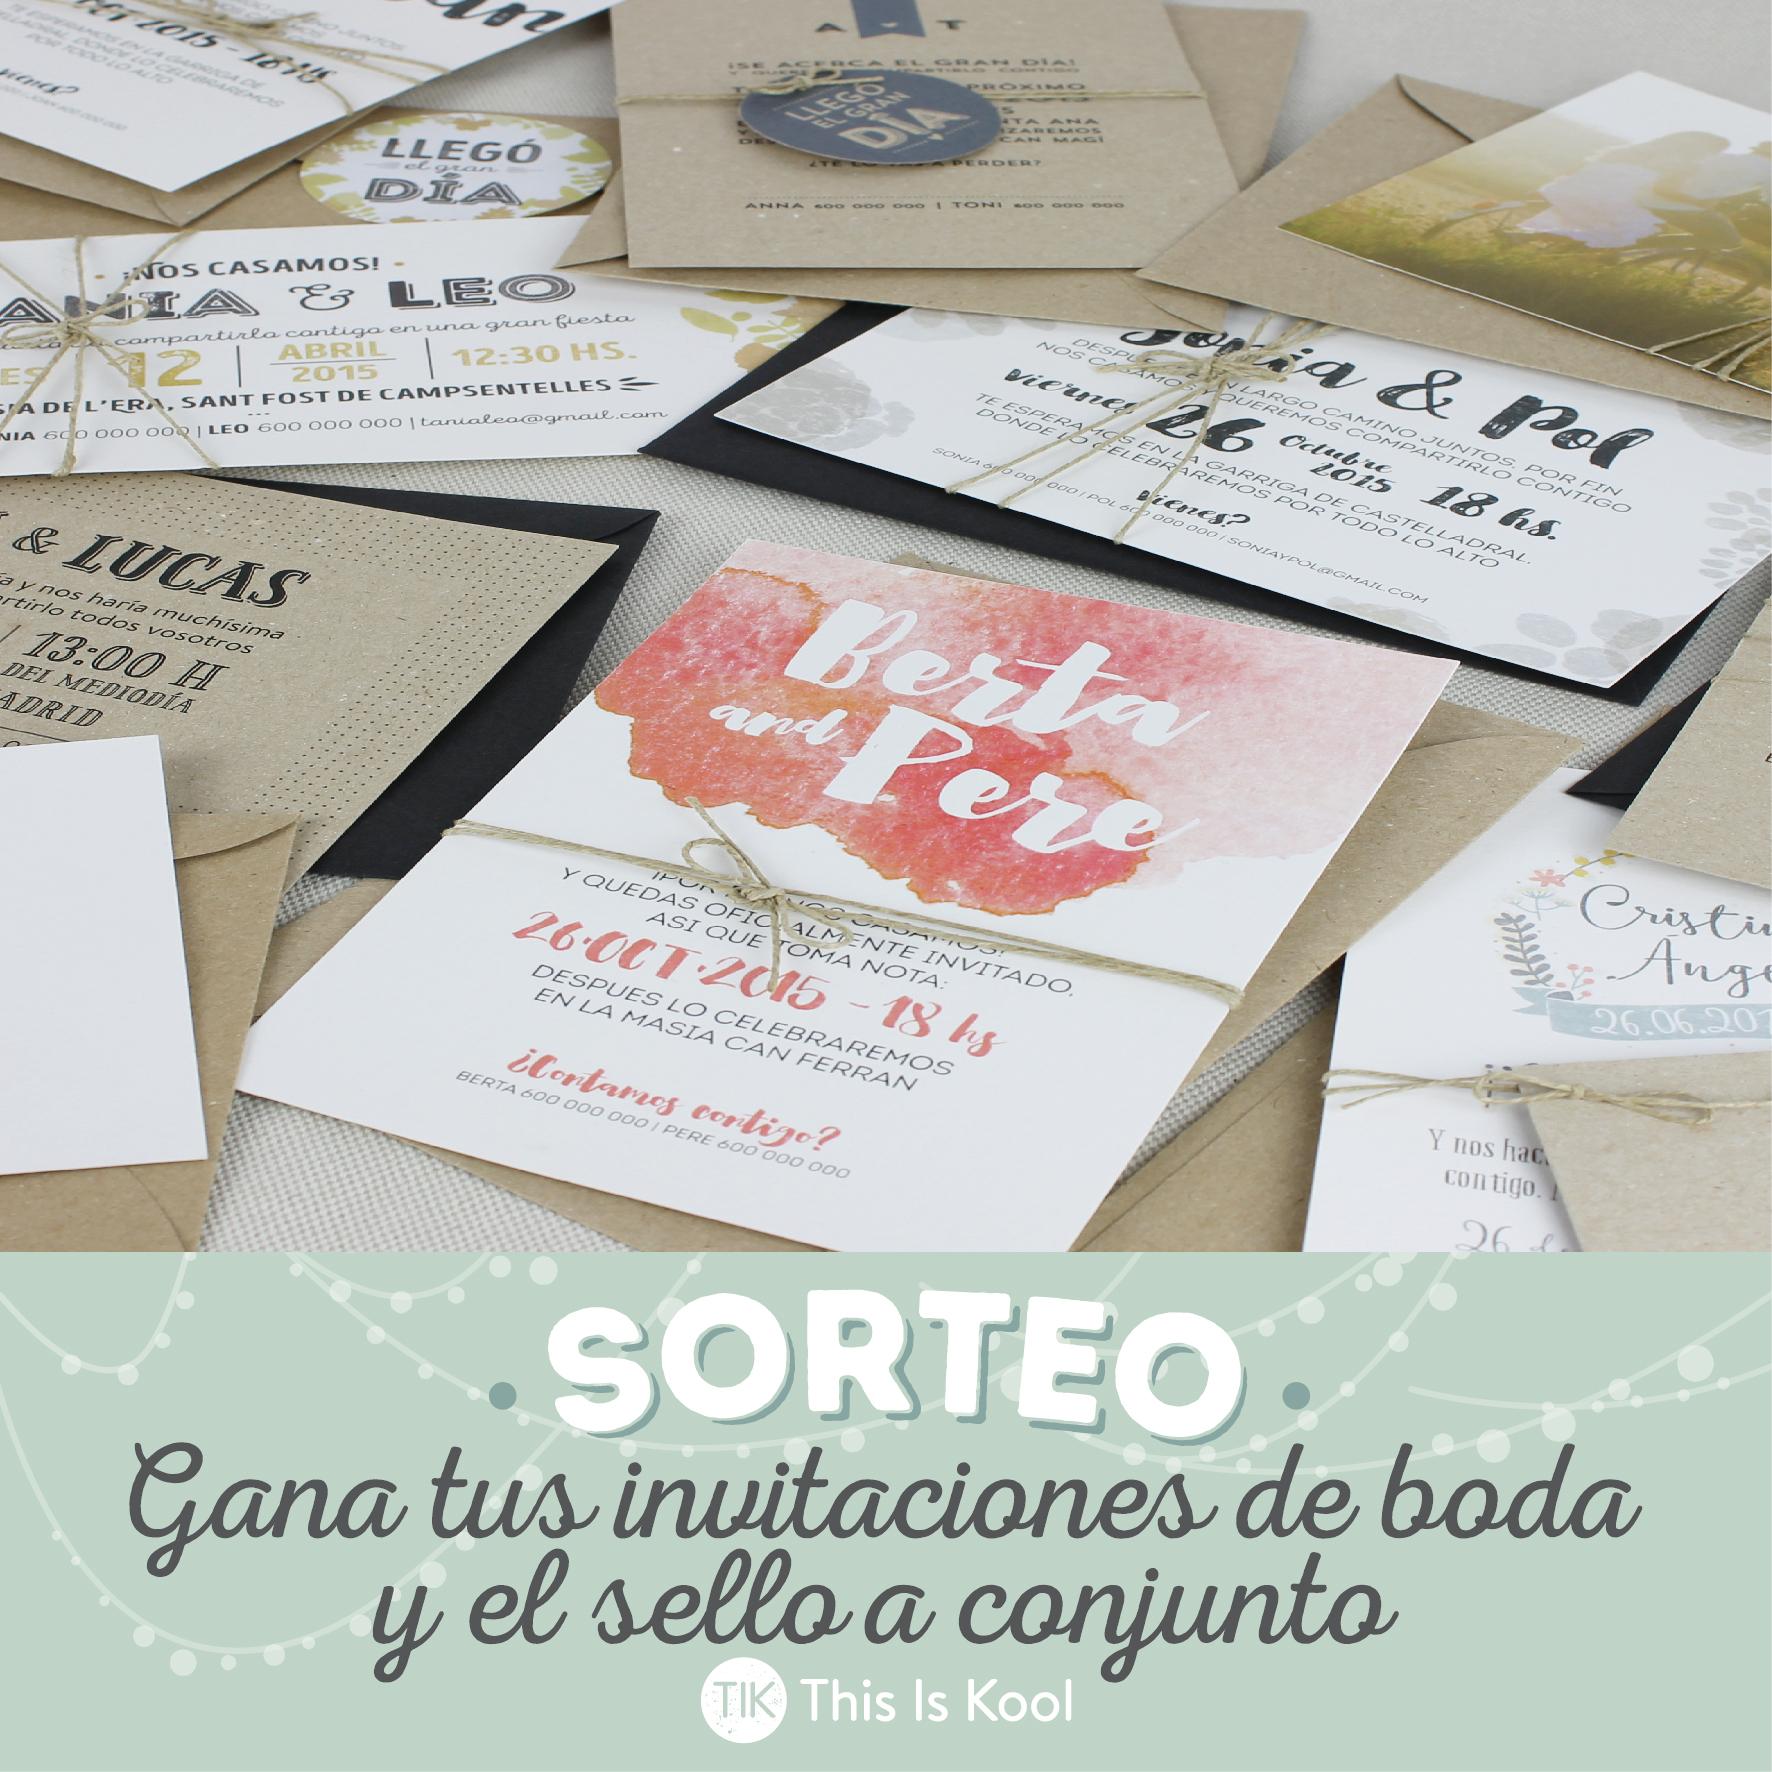 SORTEO – This Is Kool lanza nuevo catálogo de invitaciones de boda, y lo  celebran regalando Invitaciones y sello personalizado a conjunto   muymolon.com    Bloglovin'